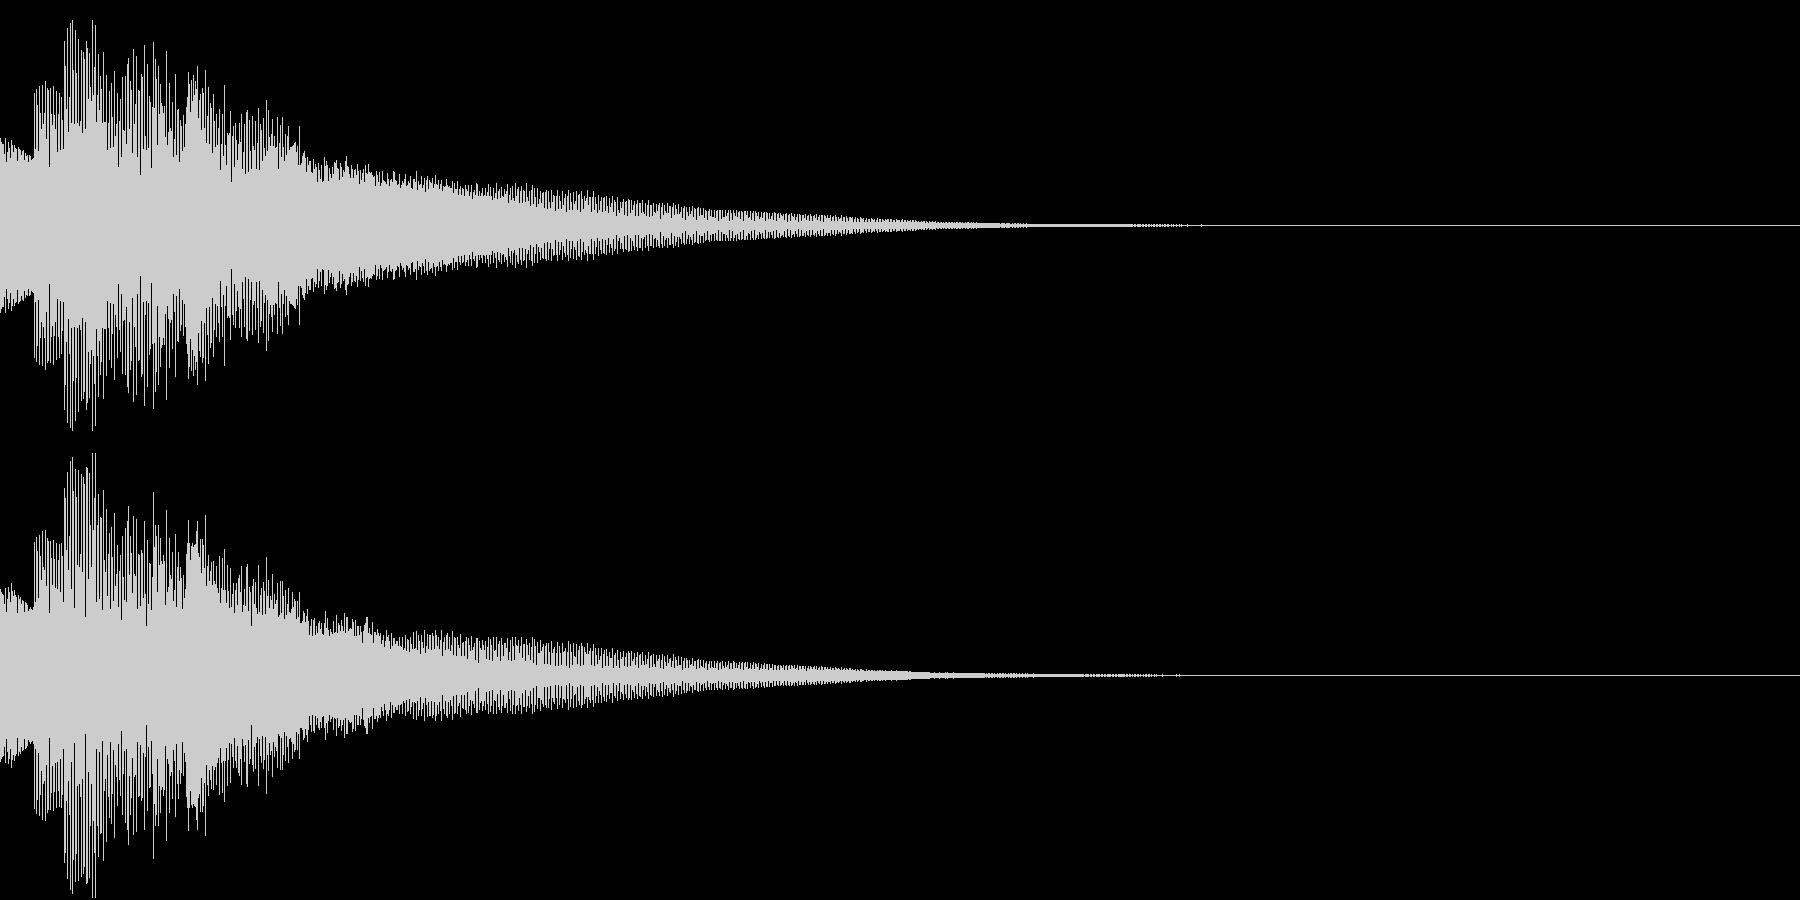 不思議な感じのジングル 場面転換 1の未再生の波形